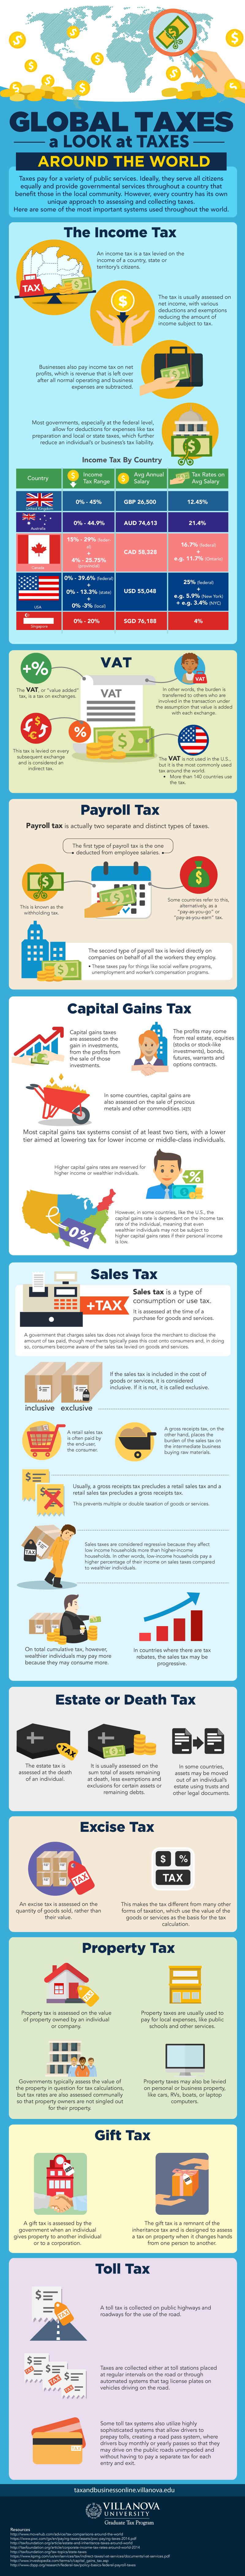 vil-law-global-taxes